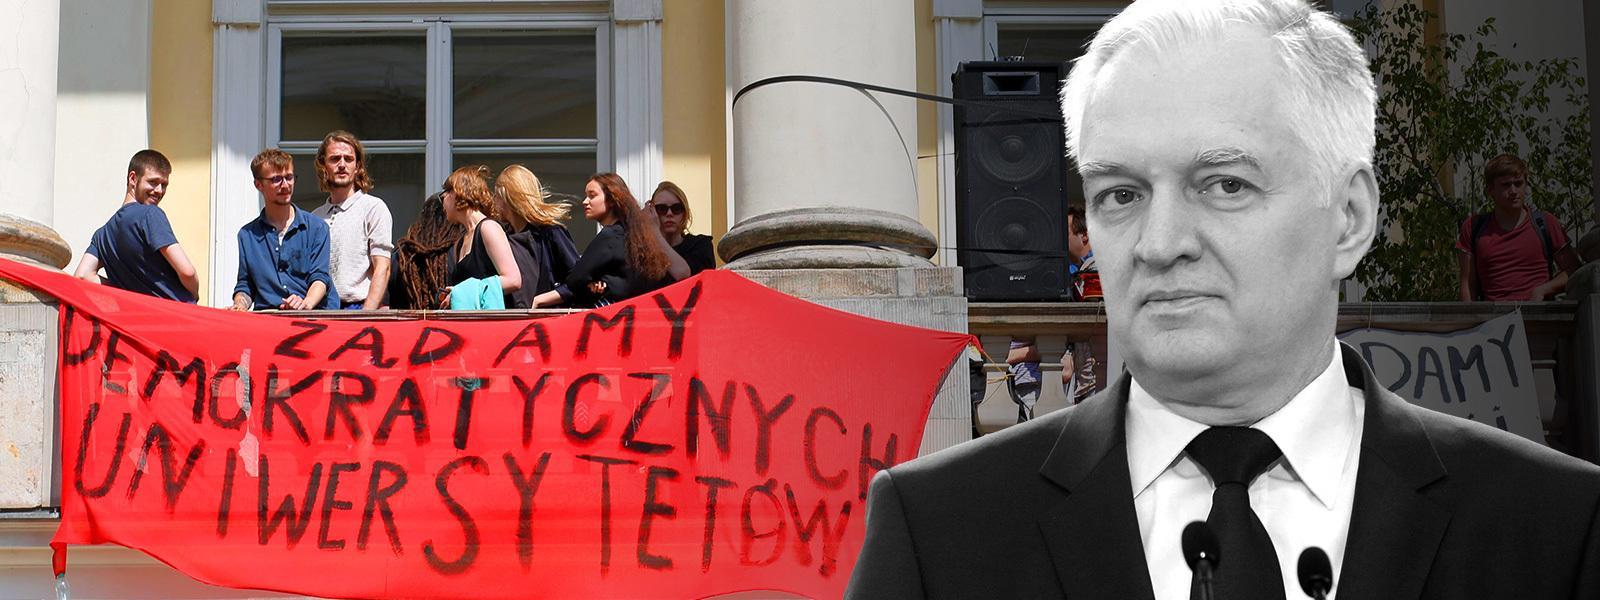 Gowin strajk studentów